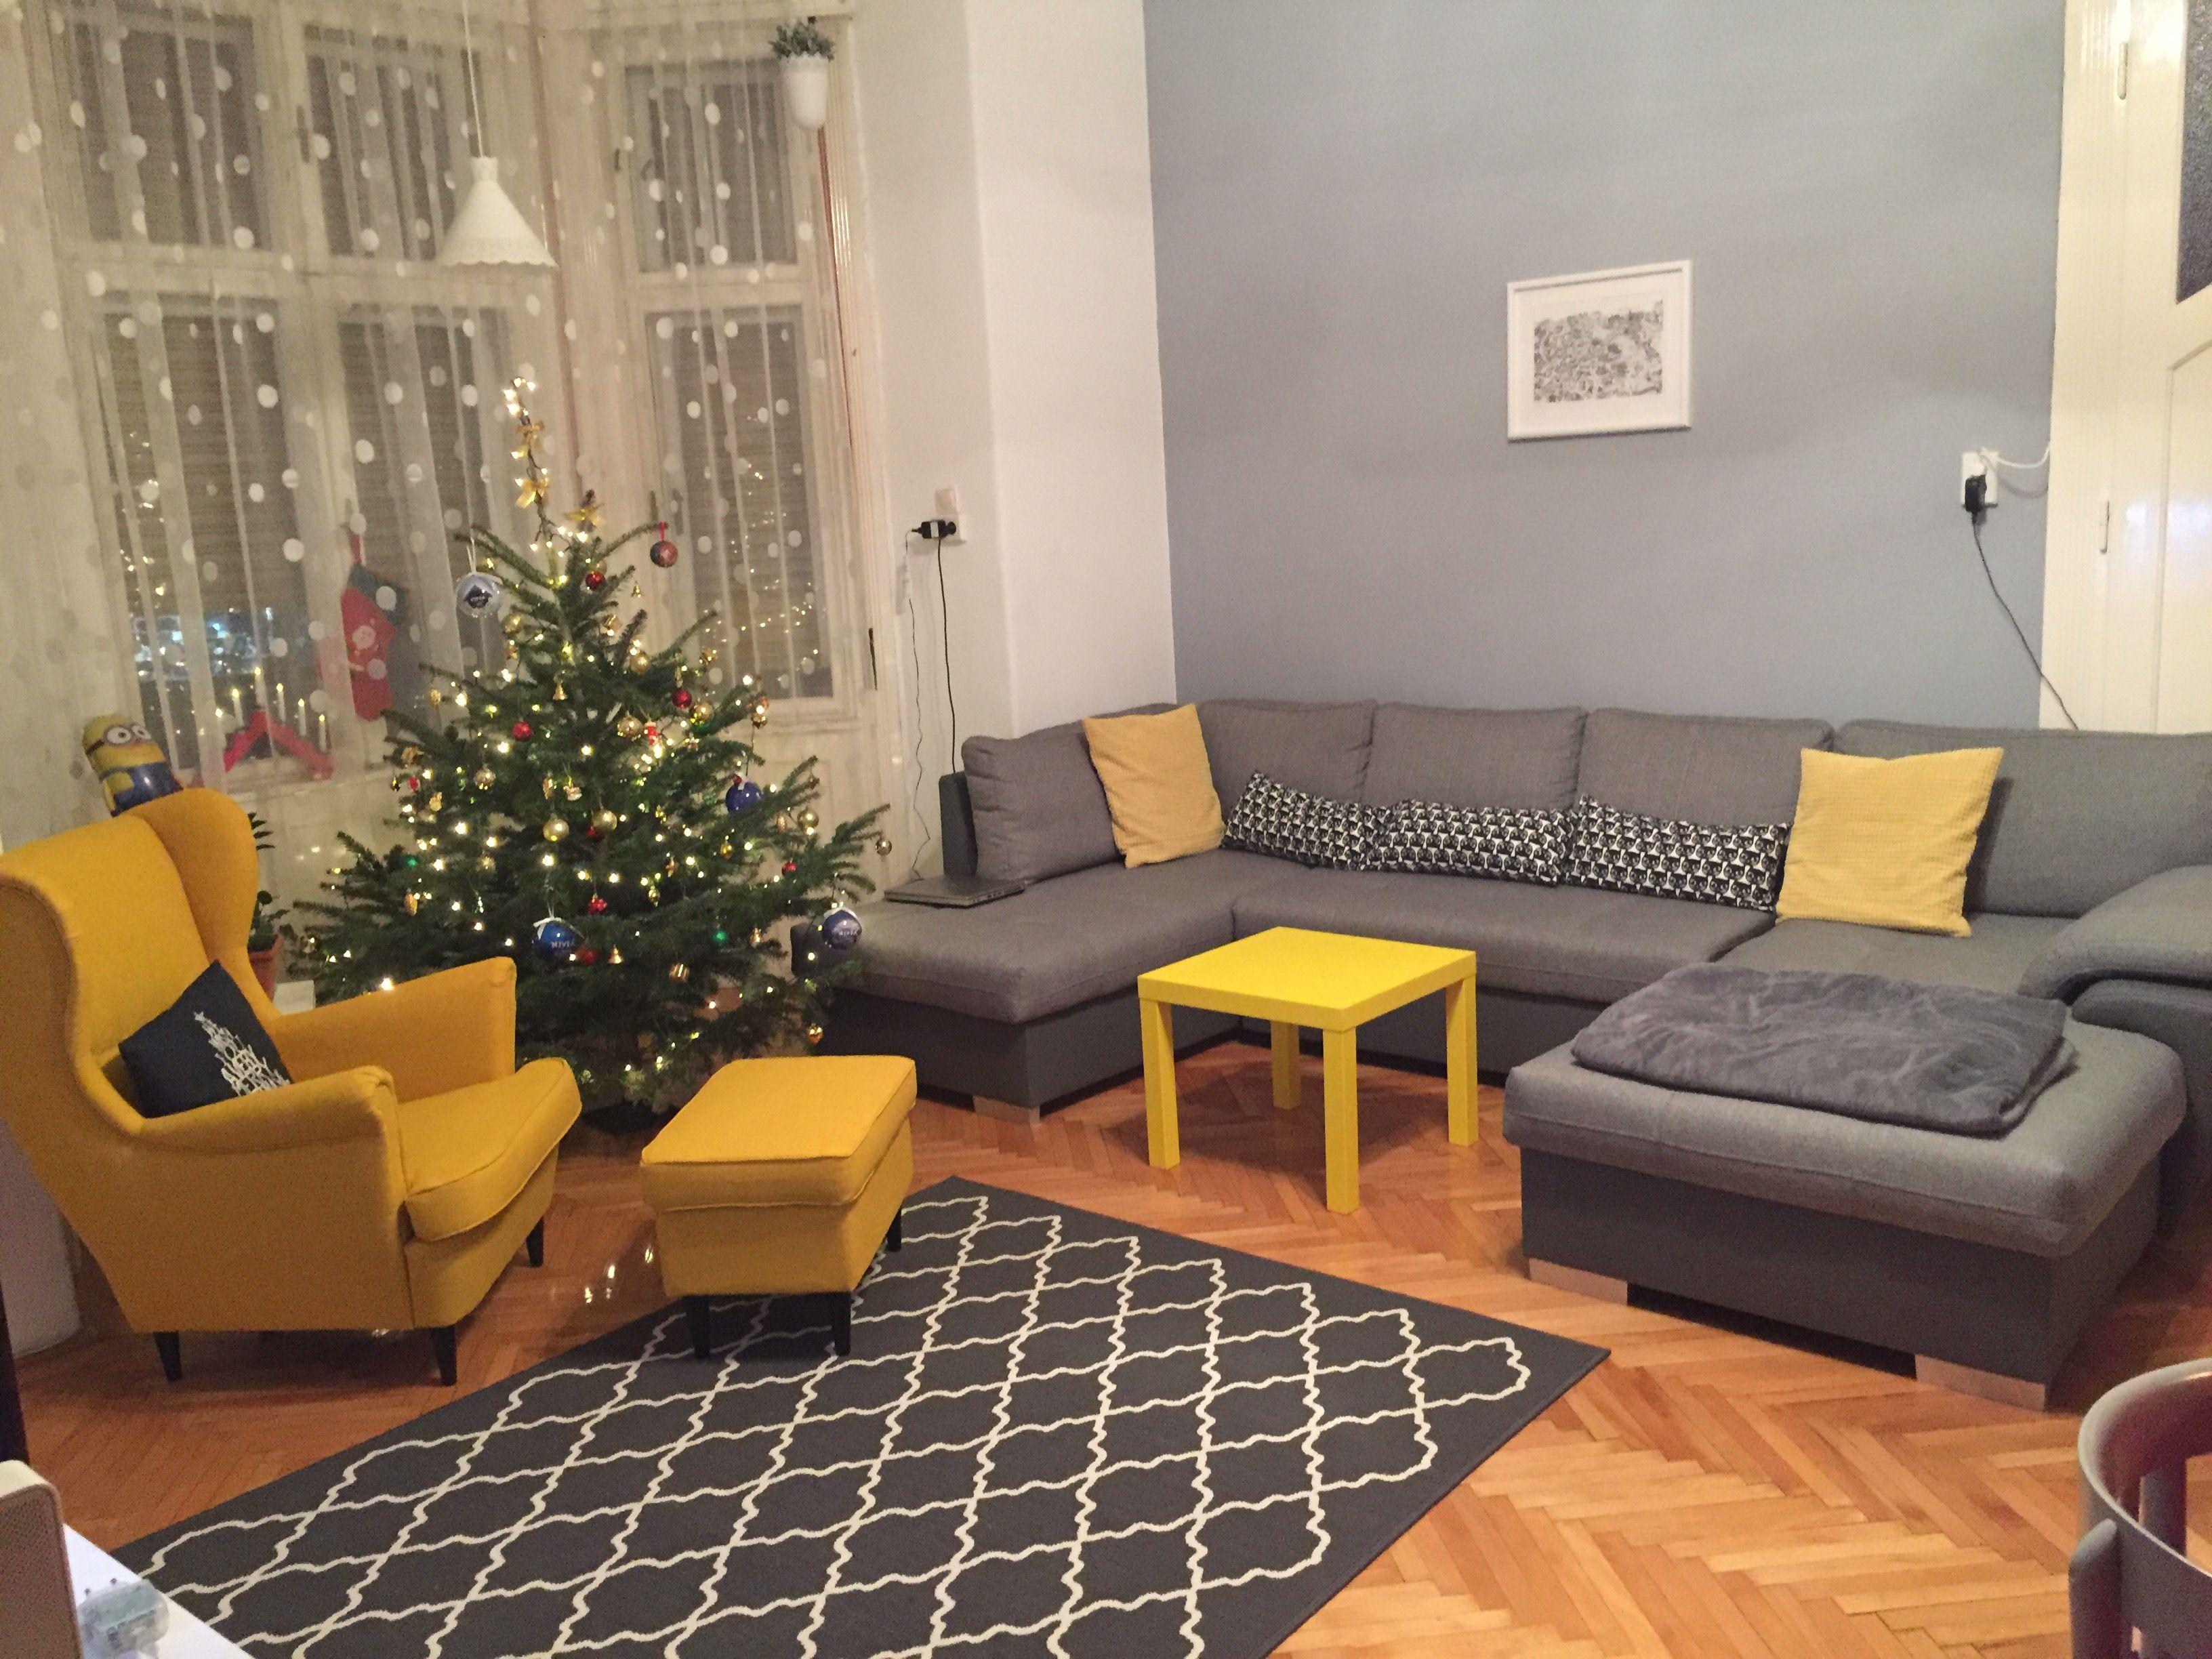 Living Room Grey Yellow Livingroom Rug Armchair Ikea Moemax Couch Ikea Oturma Odasi Oturma Odasi Tasarimlari Oturma Odasi Dekorasyonu